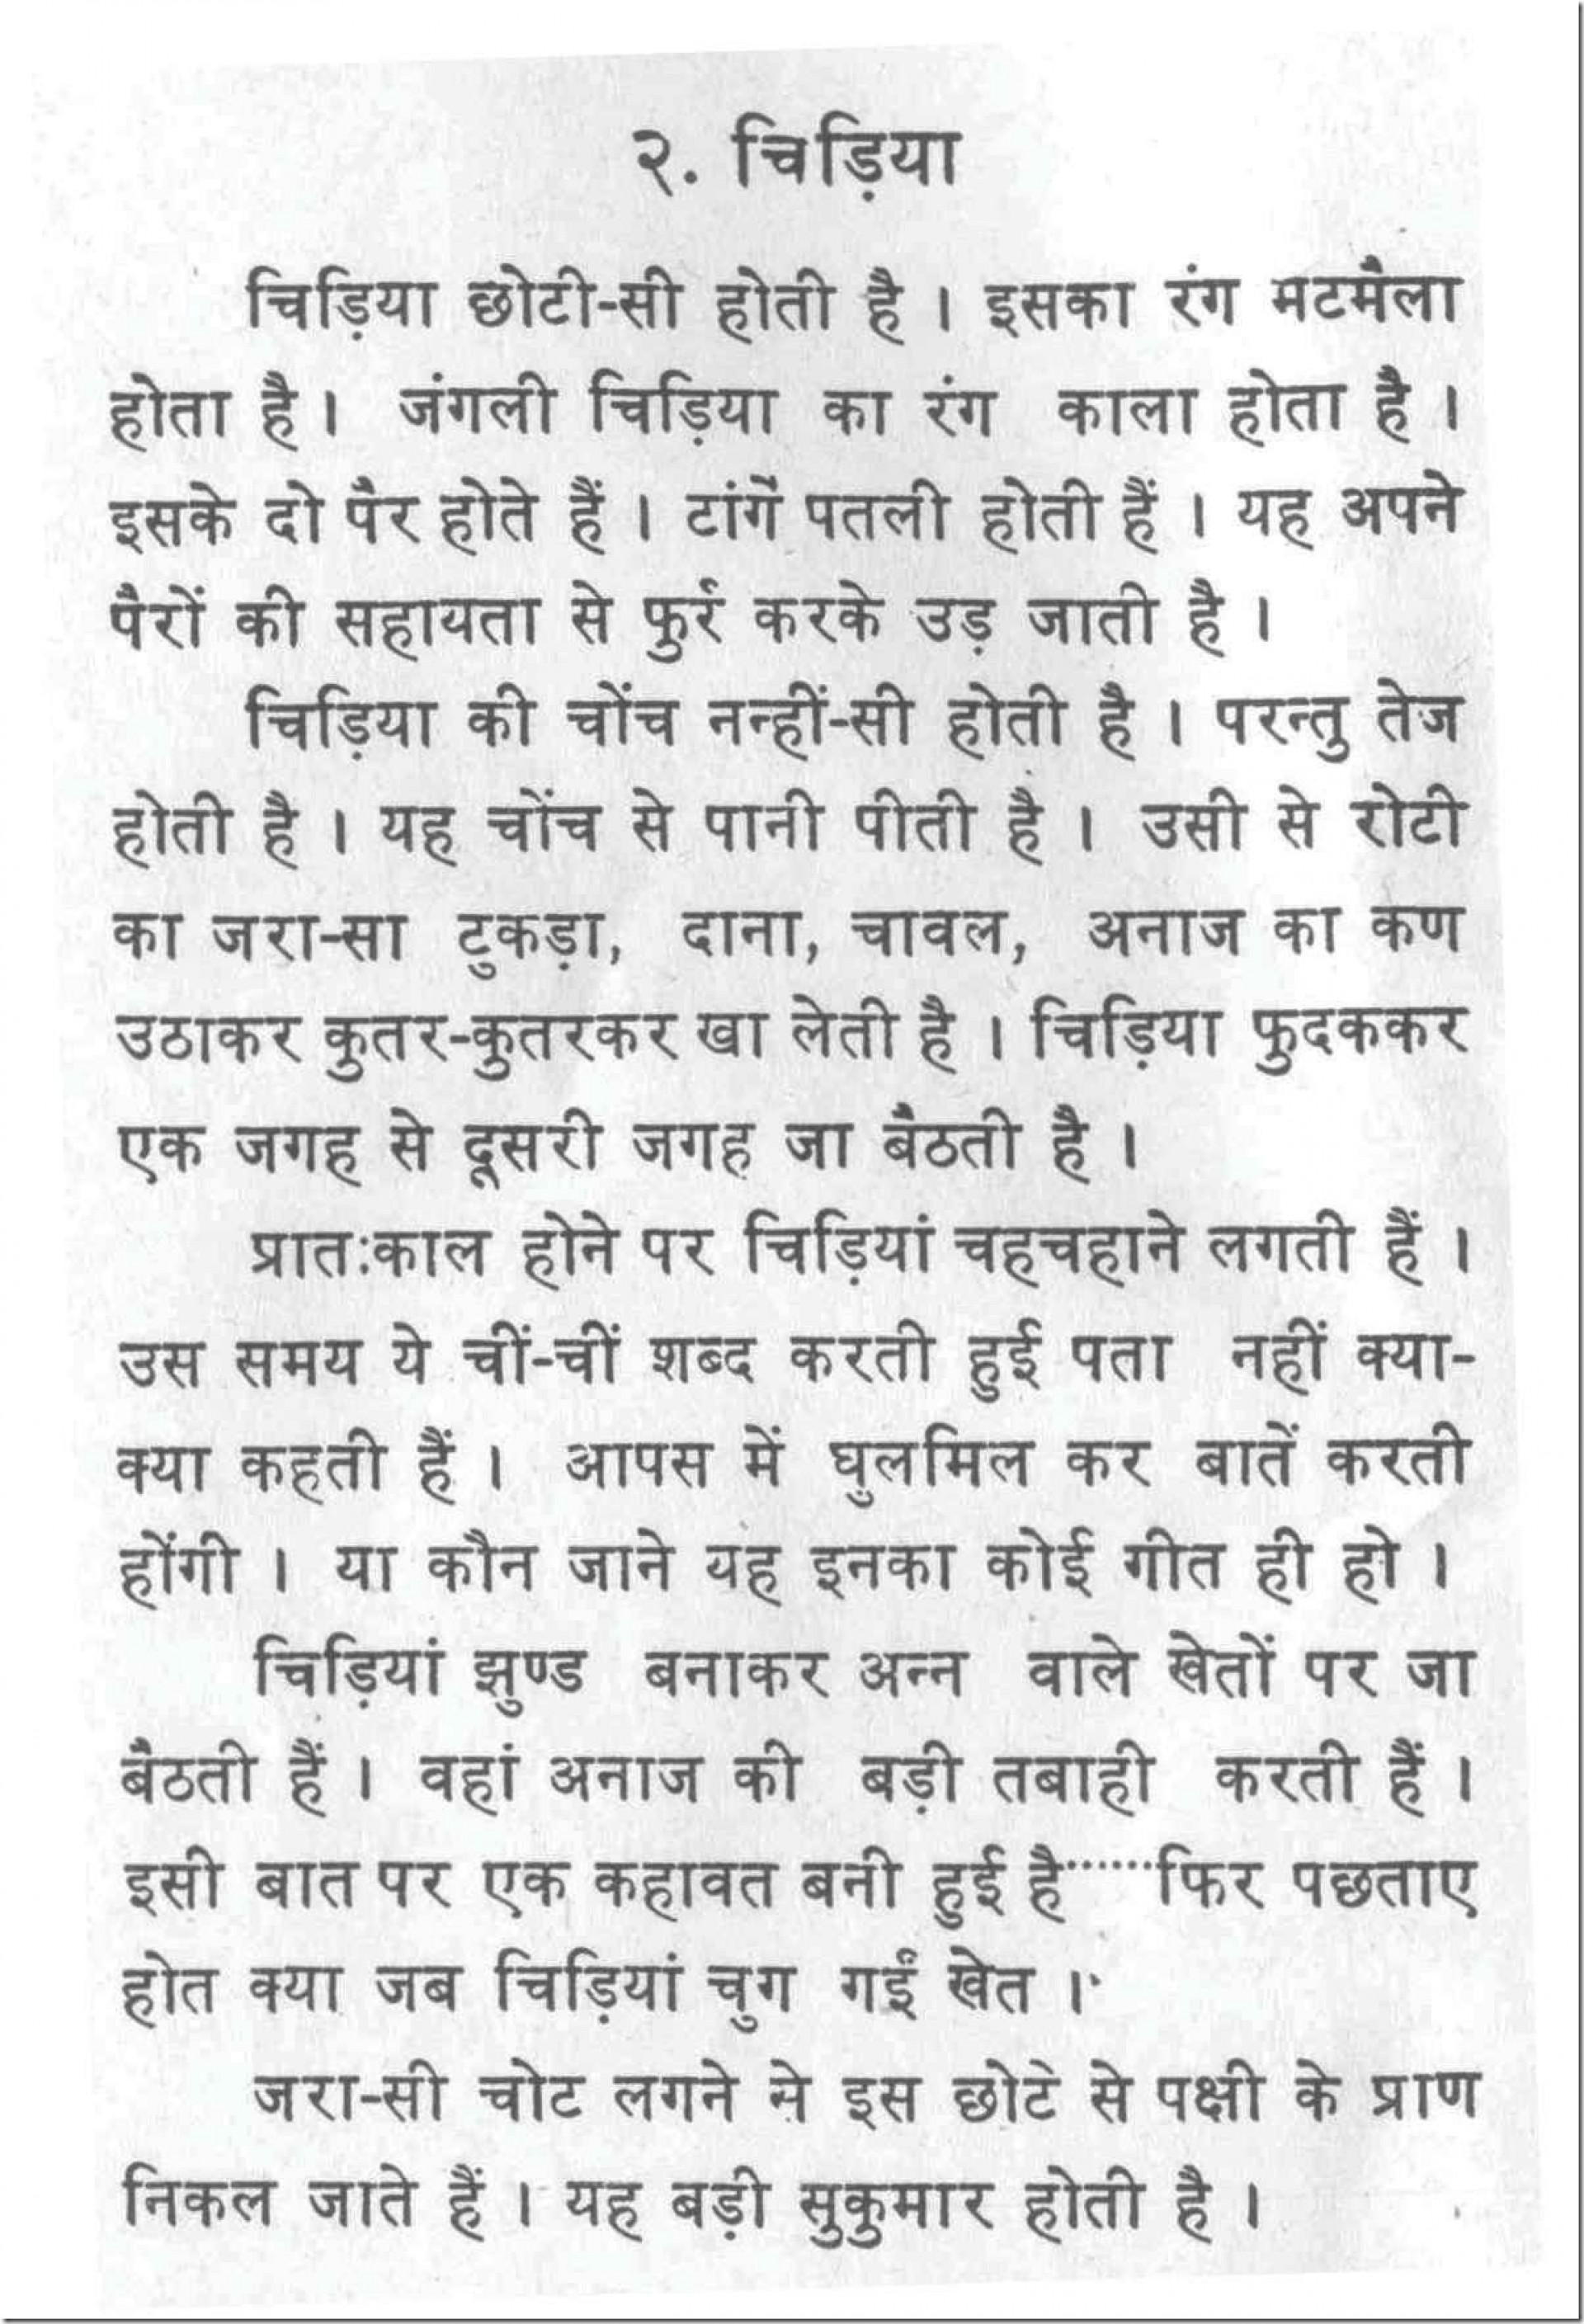 008 Essay Example Save Water Wikipedia How Thumb Small On Earth In English Hindi Marathi Awful Life Tamil Gujarati 1920